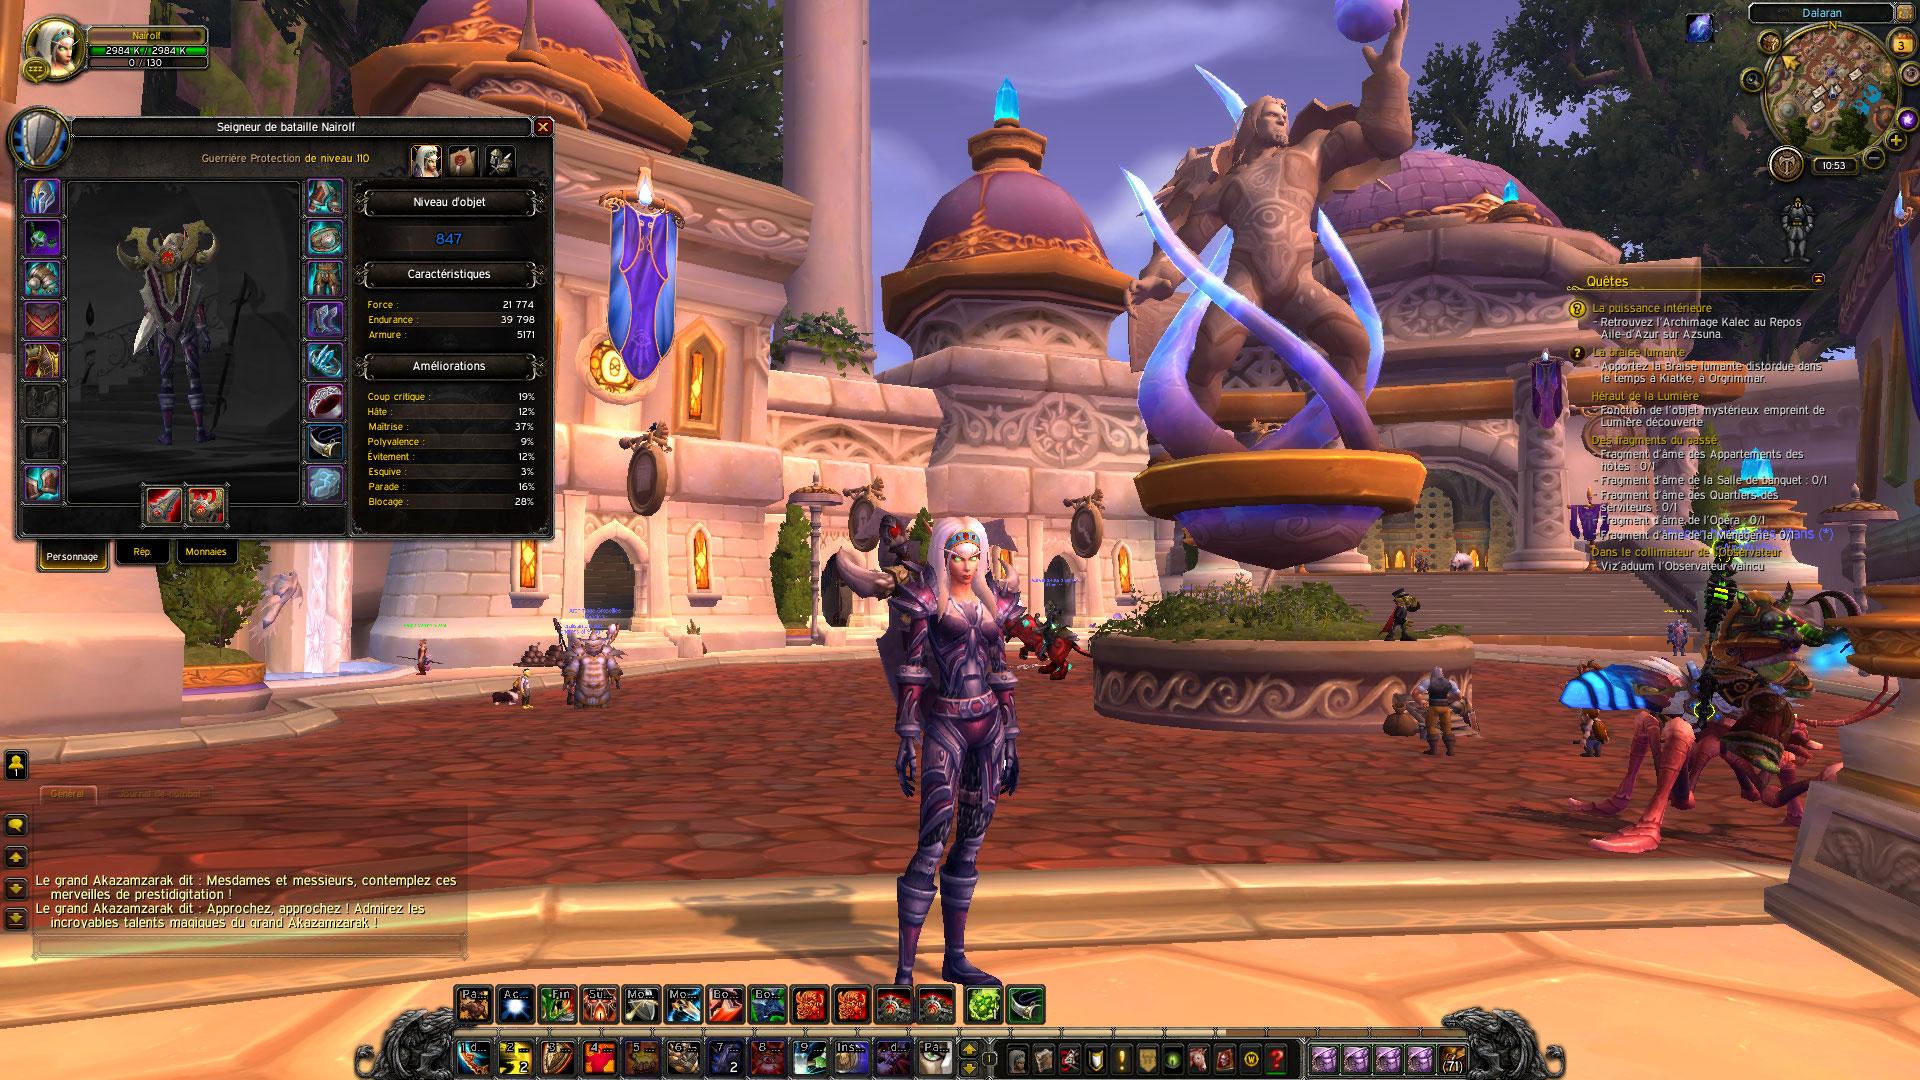 Selling] World of Warcraft Legion - WARRIOR 110 BLOOD ELF FEMALE